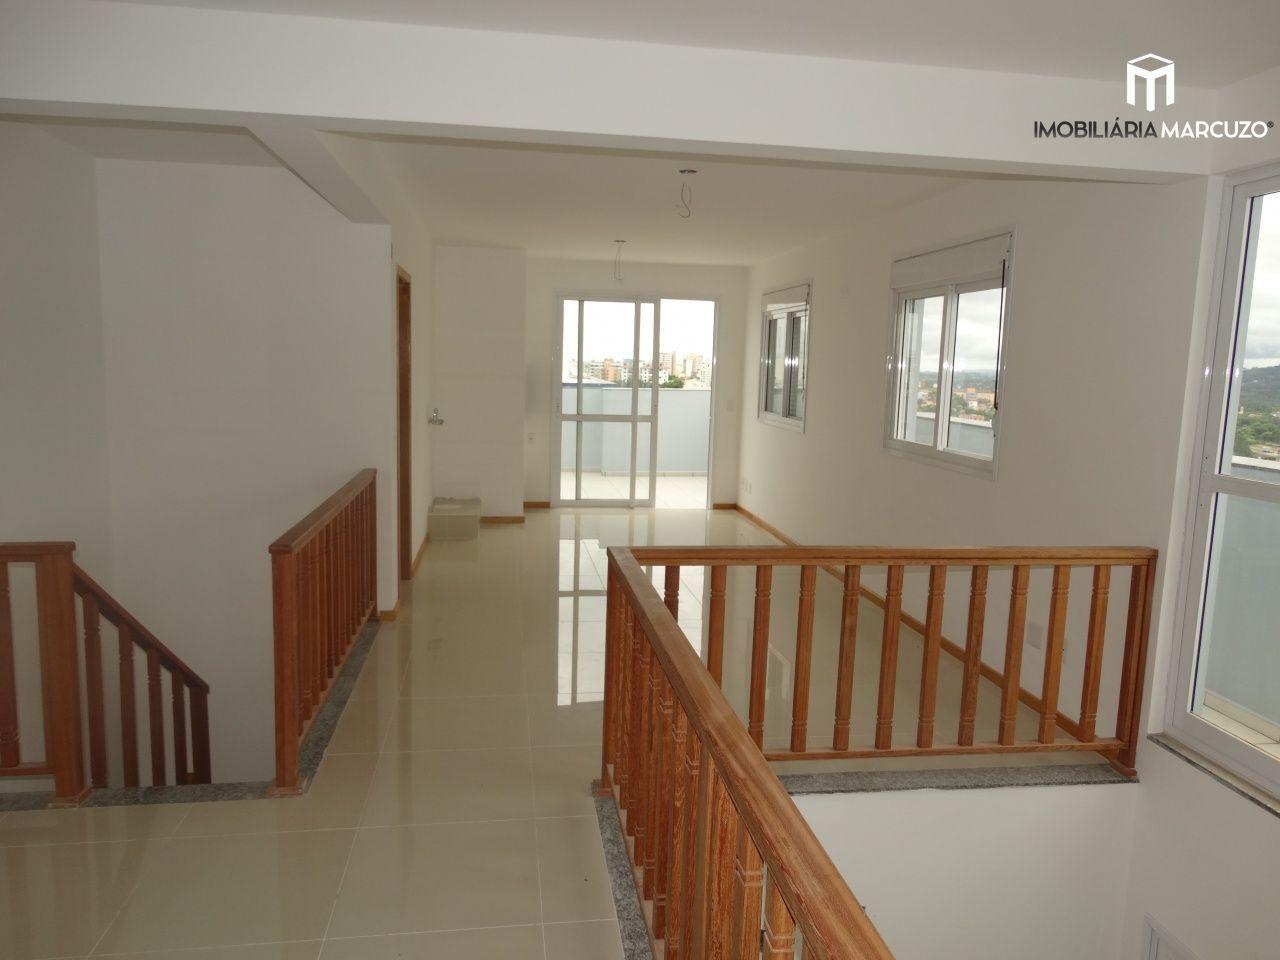 Cobertura com 3 Dormitórios à venda, 180 m² por R$ 830.000,00